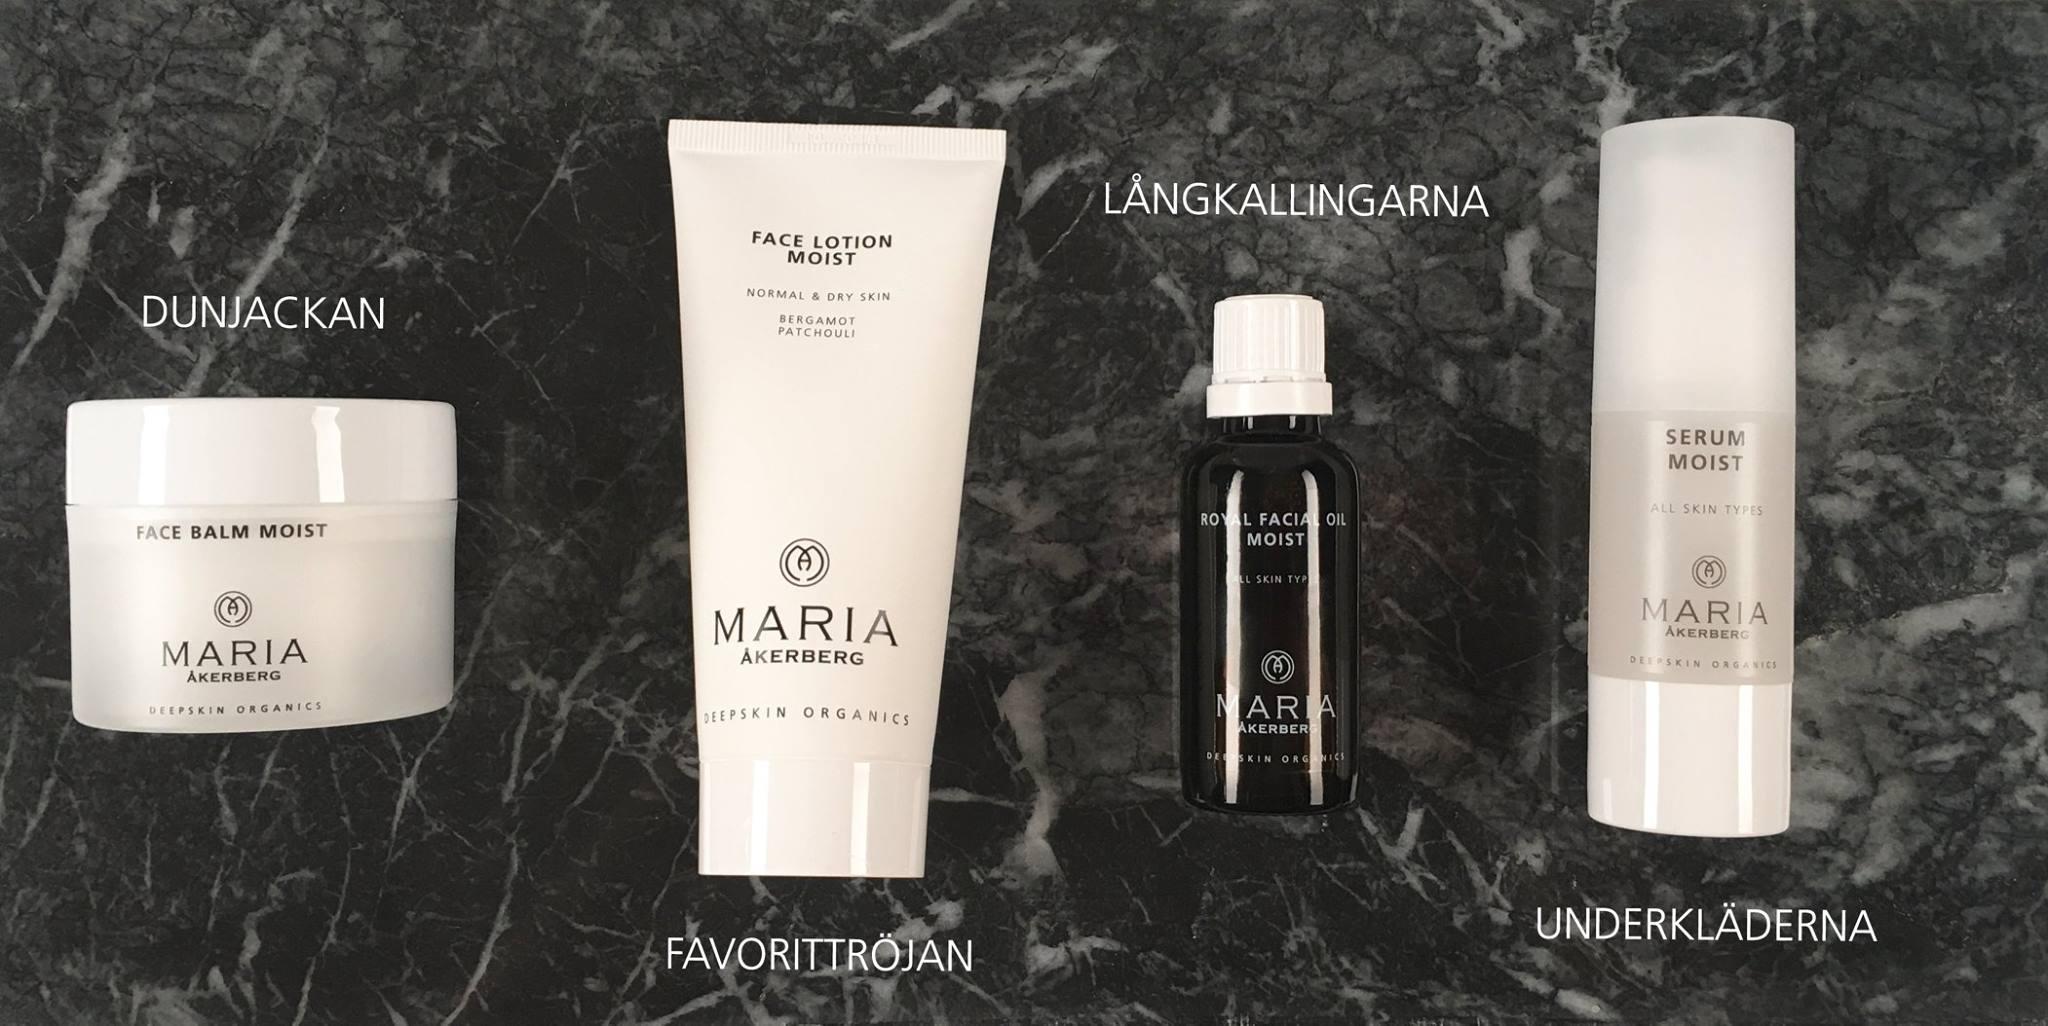 hudvård vinter - Maria Åkerberg